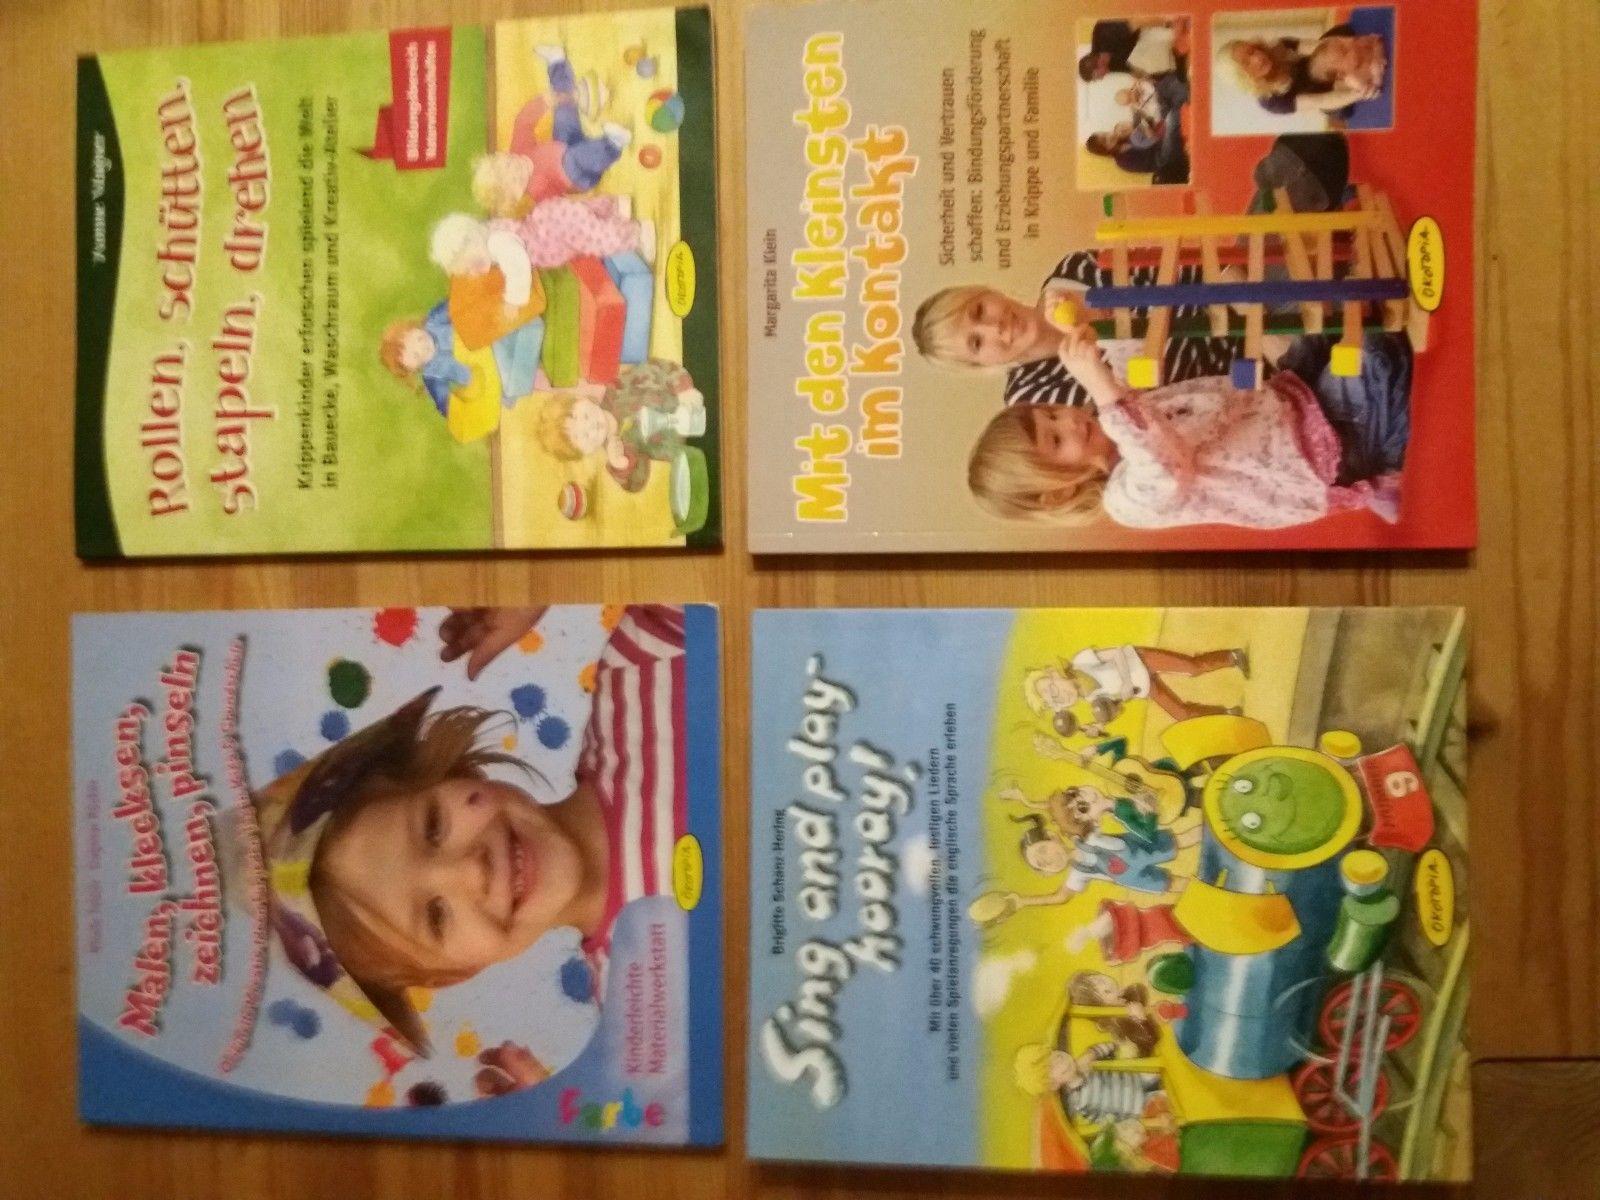 18x Ökotopia Bücher+CDs, Einzelkauf möglich, Pädagogik, Bastelideen, Weihnachten